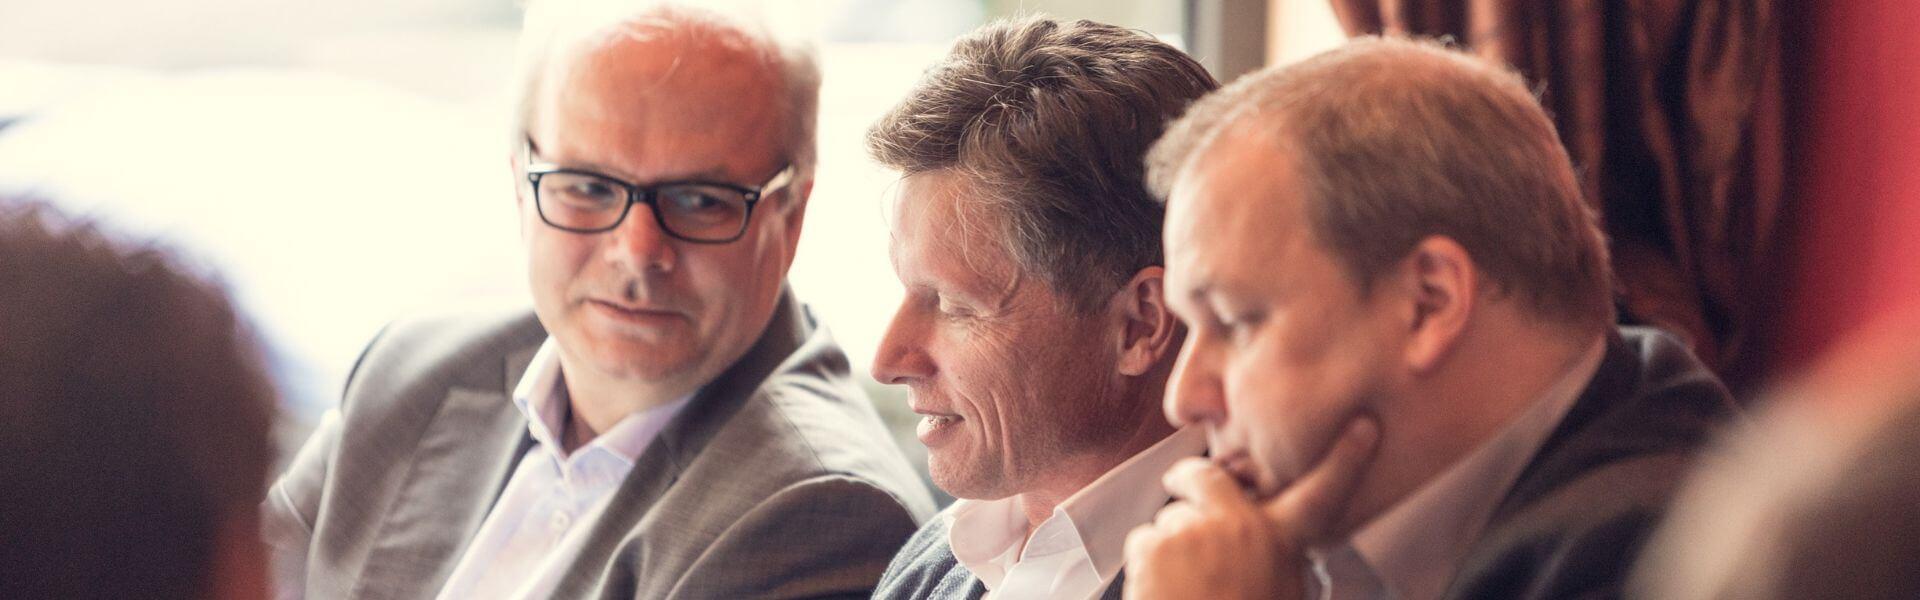 Kooperationsbeispiele Berater KMU Verband 2